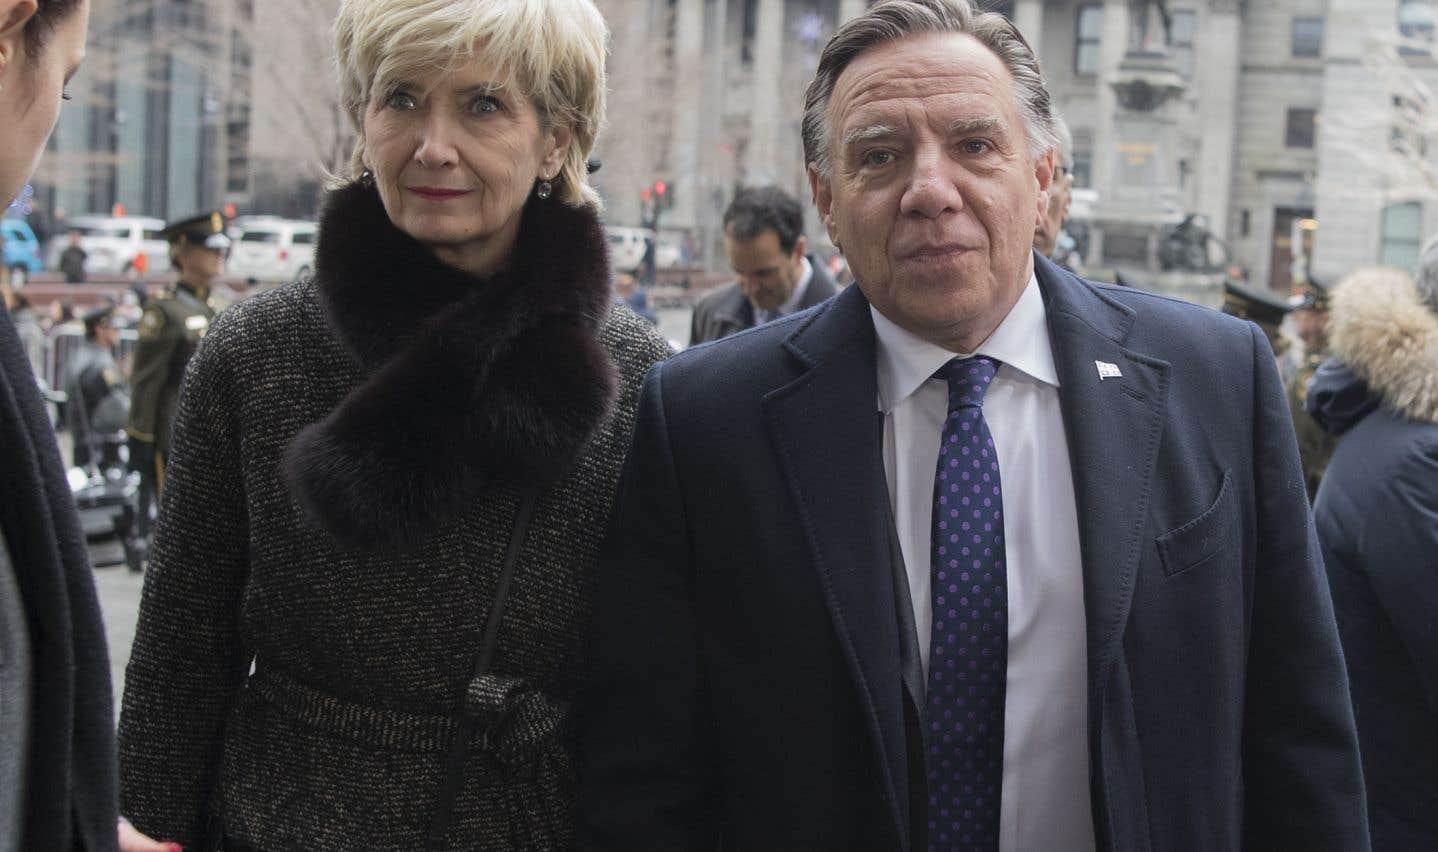 Le premier ministre du Québec, François Legault, ainsi que son épouse, Isabelle Brais, étaient parmi les quelques centaines de dignitaires présents.